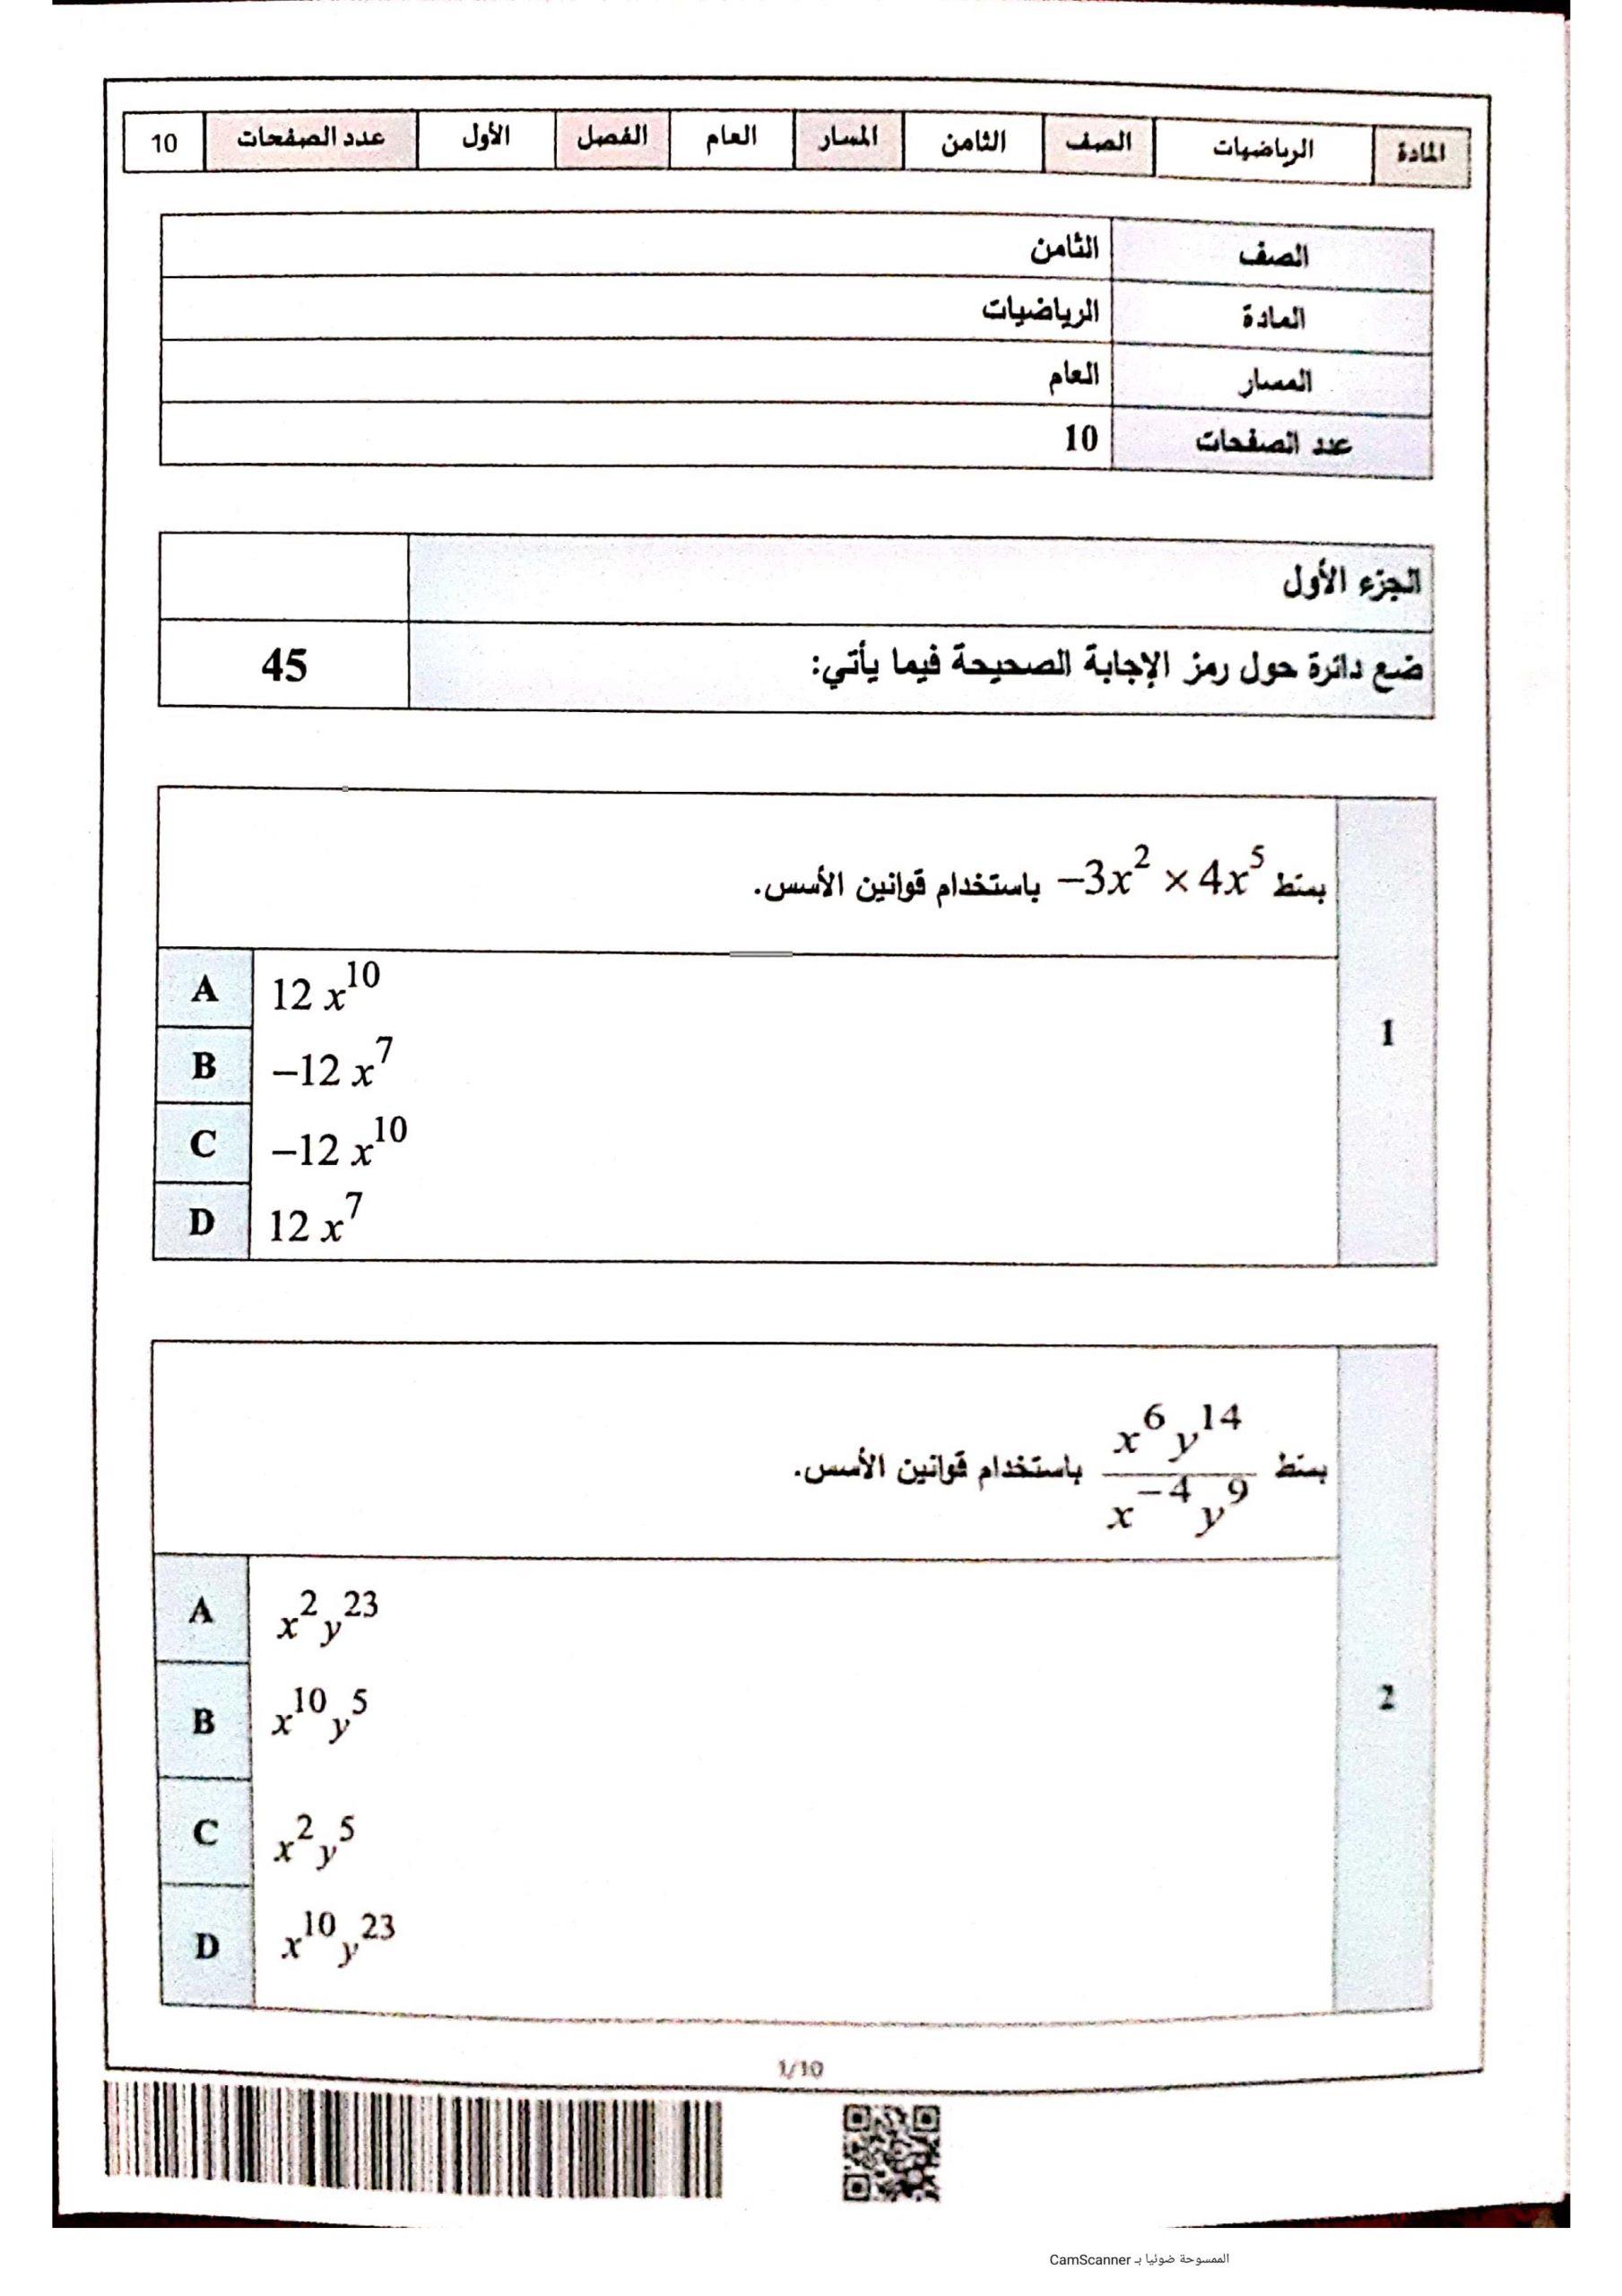 امتحان نهاية الفصل الدراسي الاول 2019-2020 الصف الثامن مادة الرياضيات المتكاملة